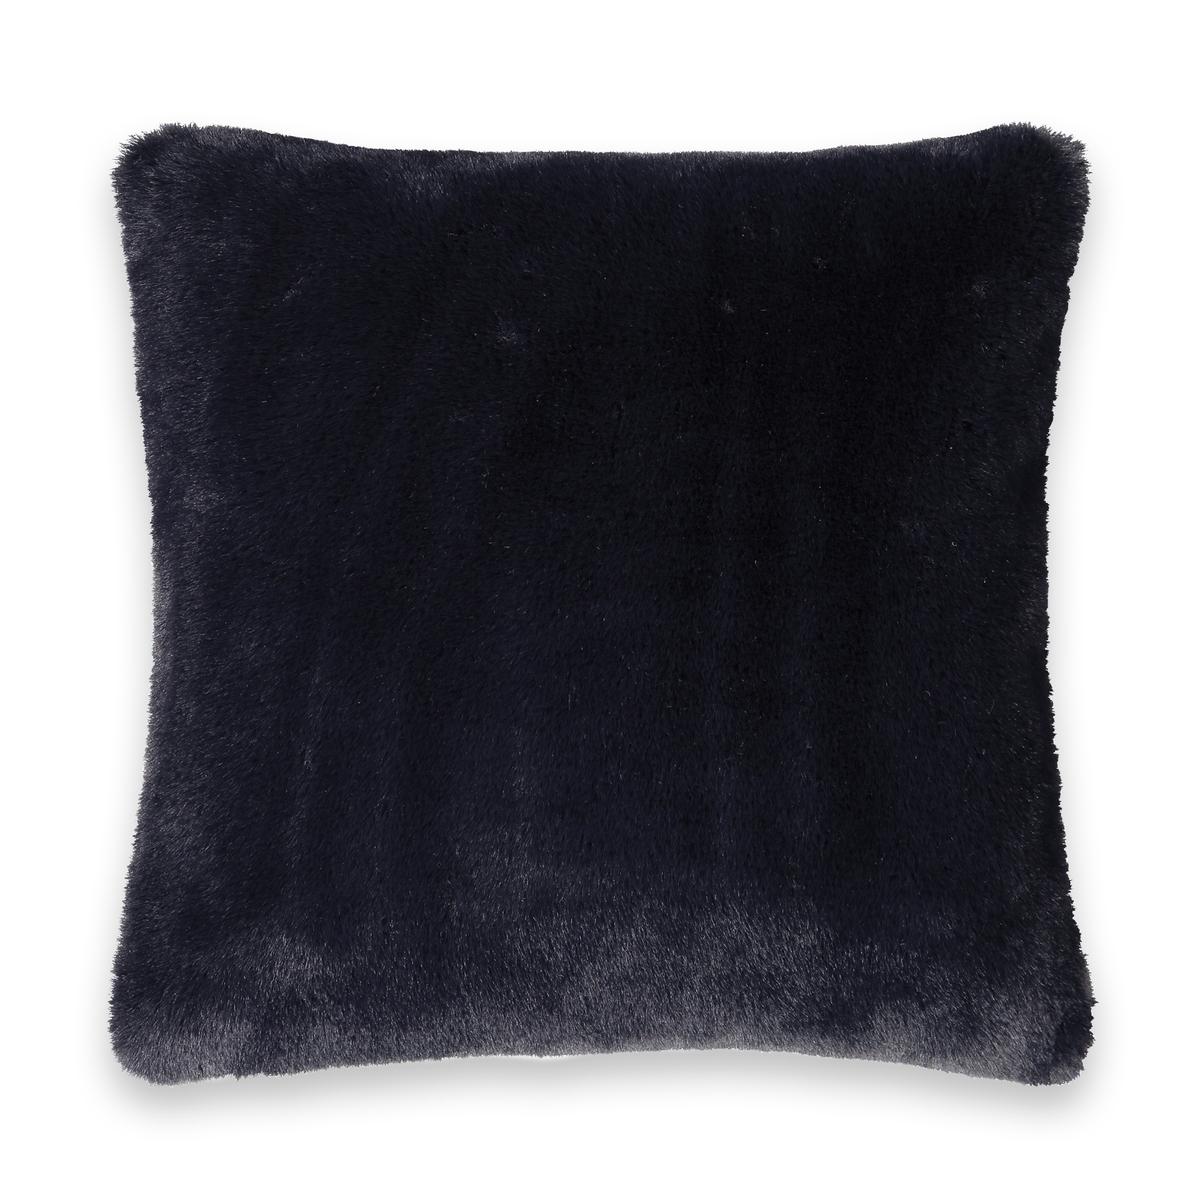 Чехол La Redoute На подушку из искусственного меха Noursi 40 x 40 см синий чехол la redoute на подушку или подушку валик из хлопка scenario 40 x 40 см серый